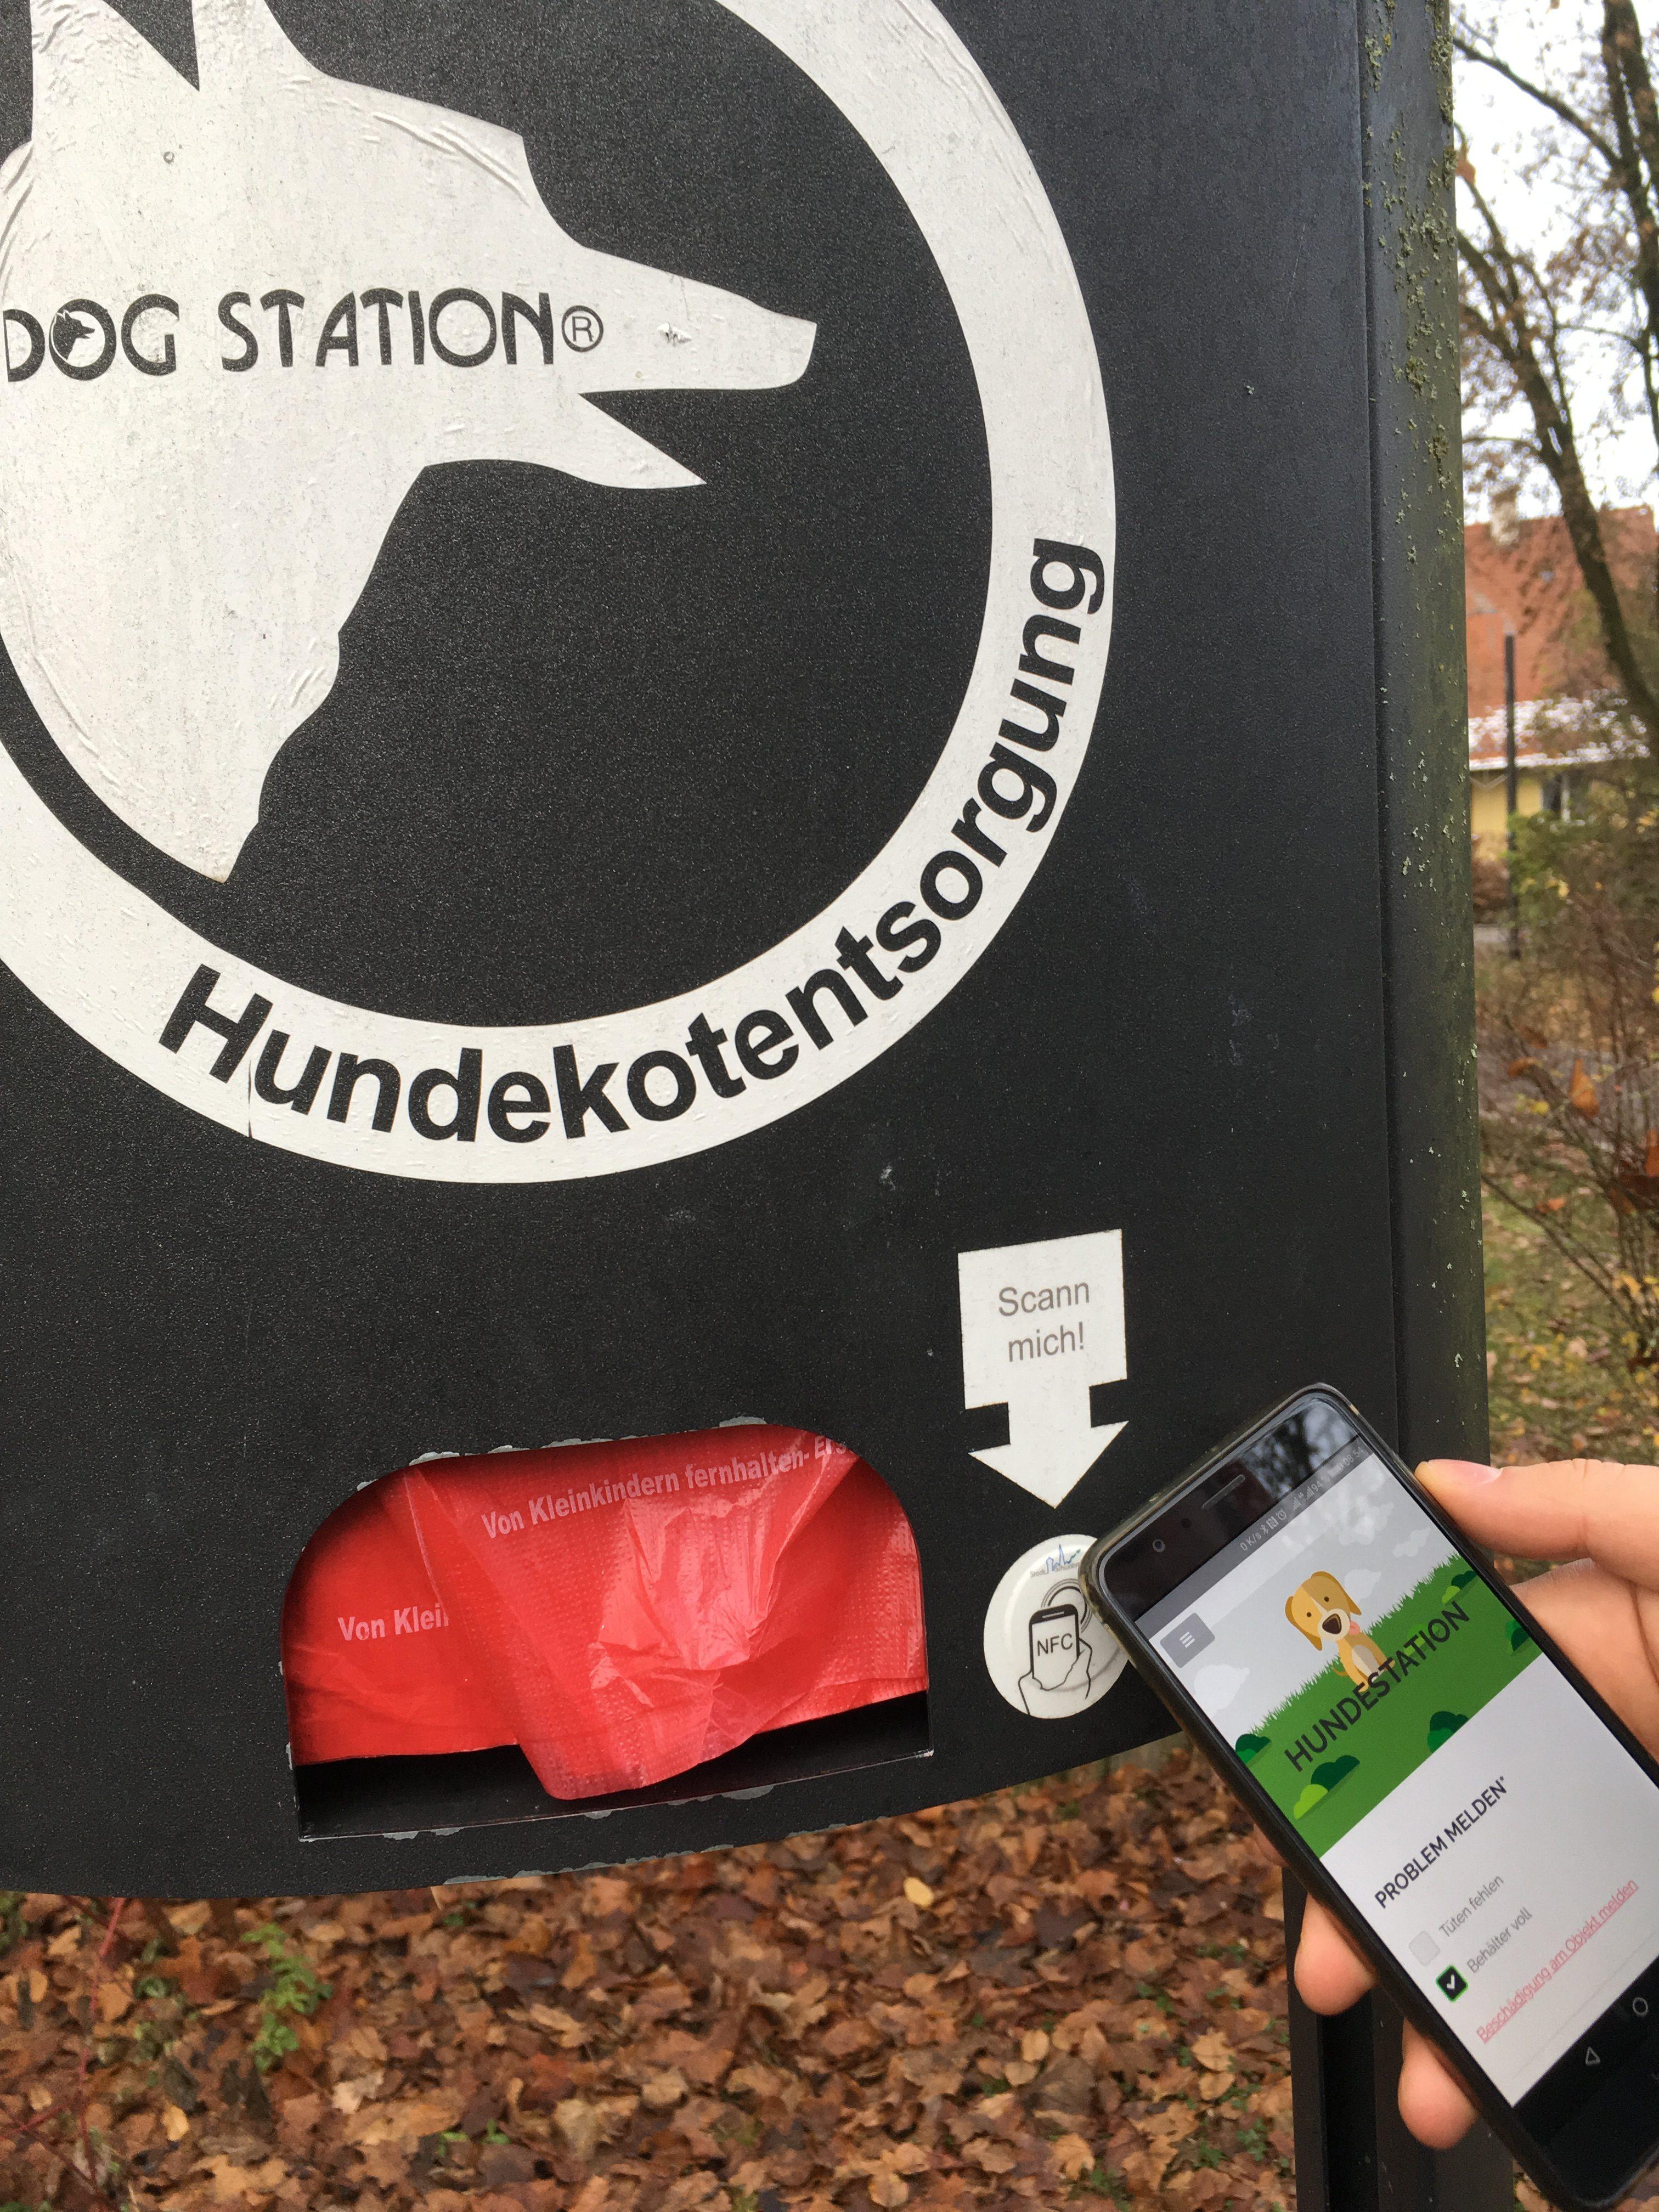 Eine Vorrichtung mit Tüten für Hundekot. Daran hängt ein NFC-Chip. Ein Smartphone wird an den Chip gehalten. Auf dem Smartphone erscheint die App von Eine Stadt.